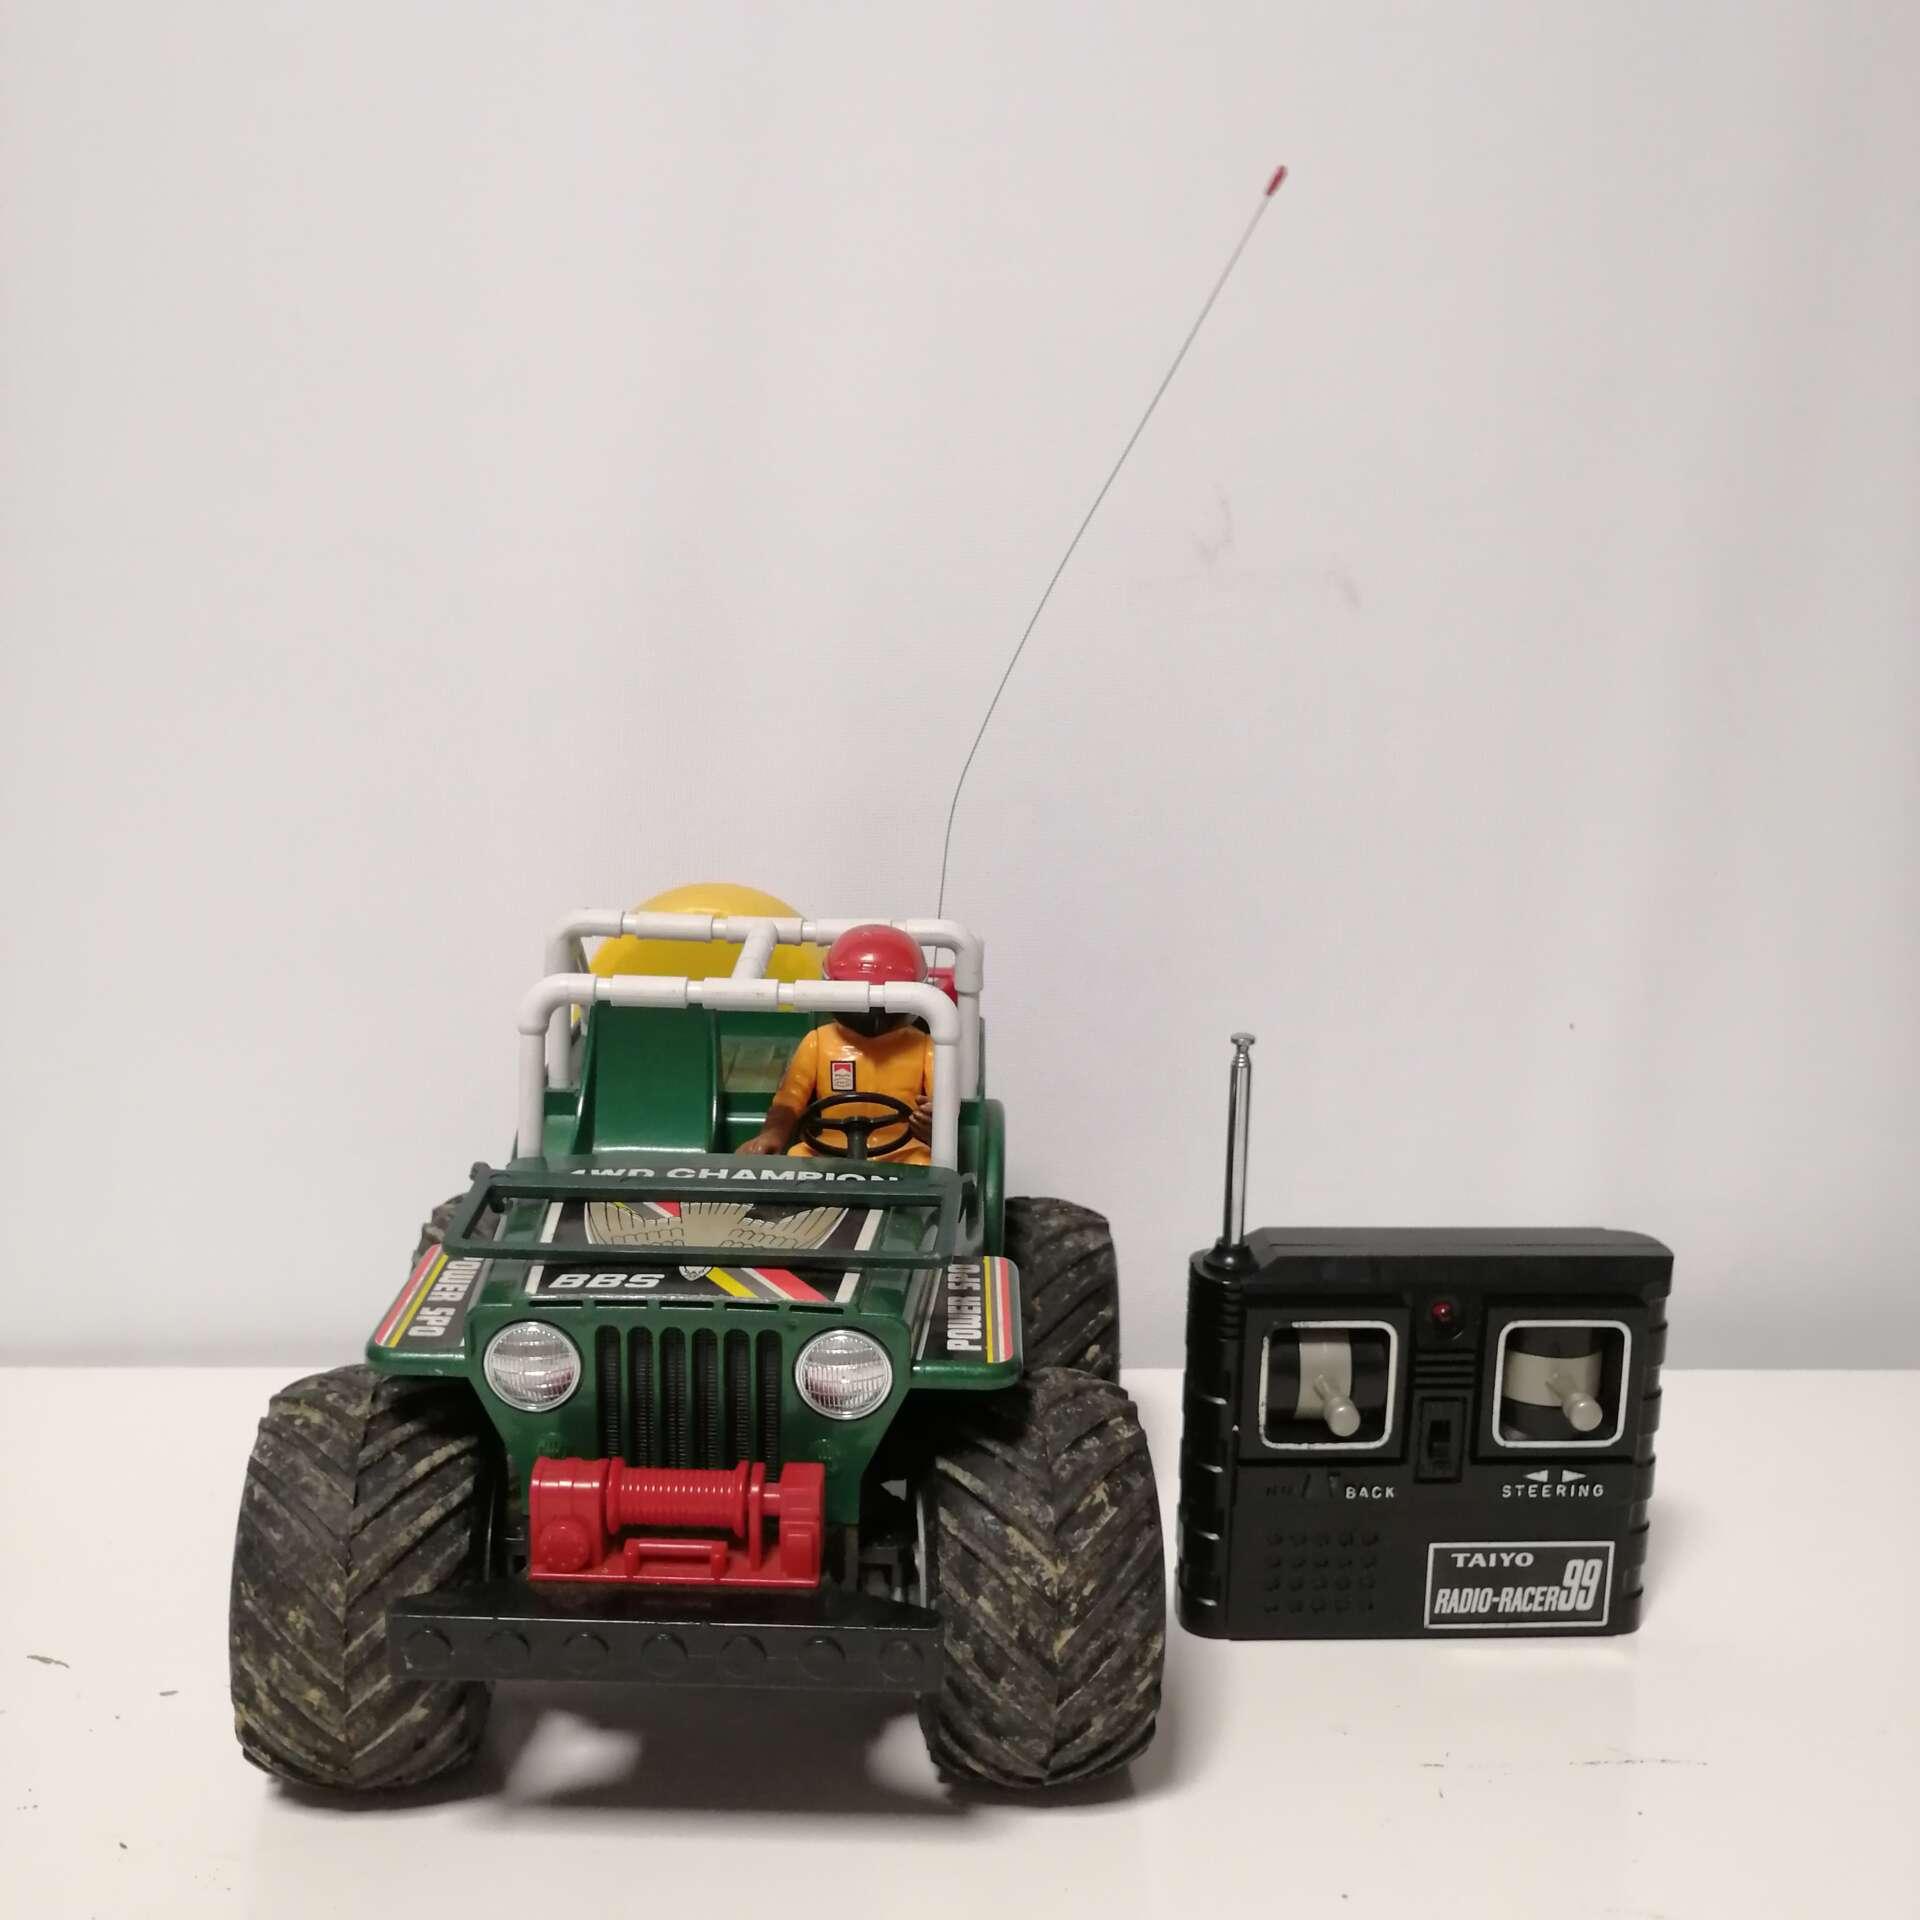 Radio Racer Jeep